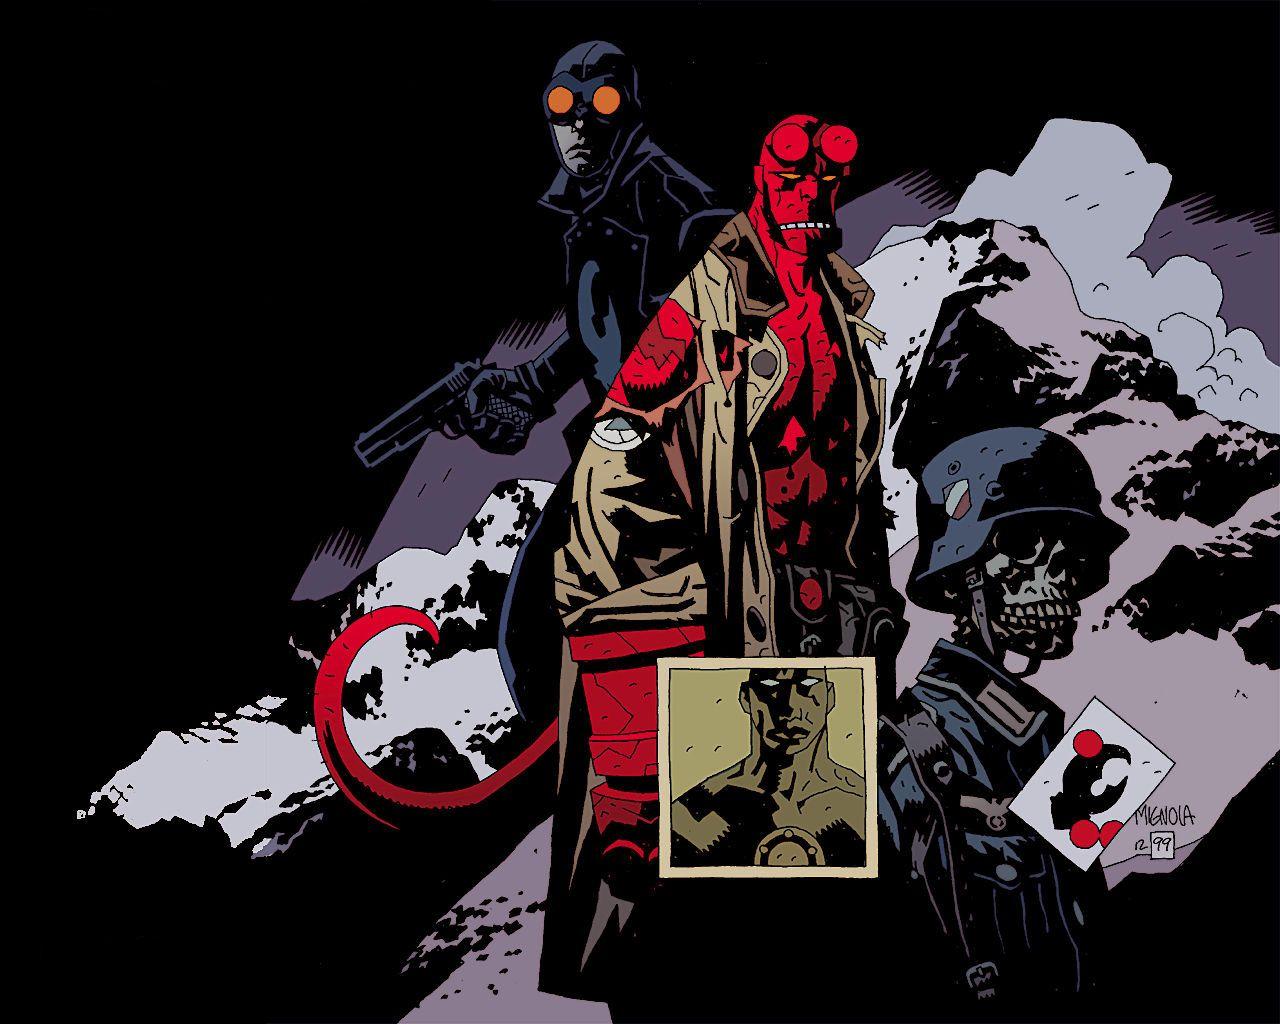 épinglé Par R4gn4rok Sur Hellboy Pinterest Mike Mignola Comics